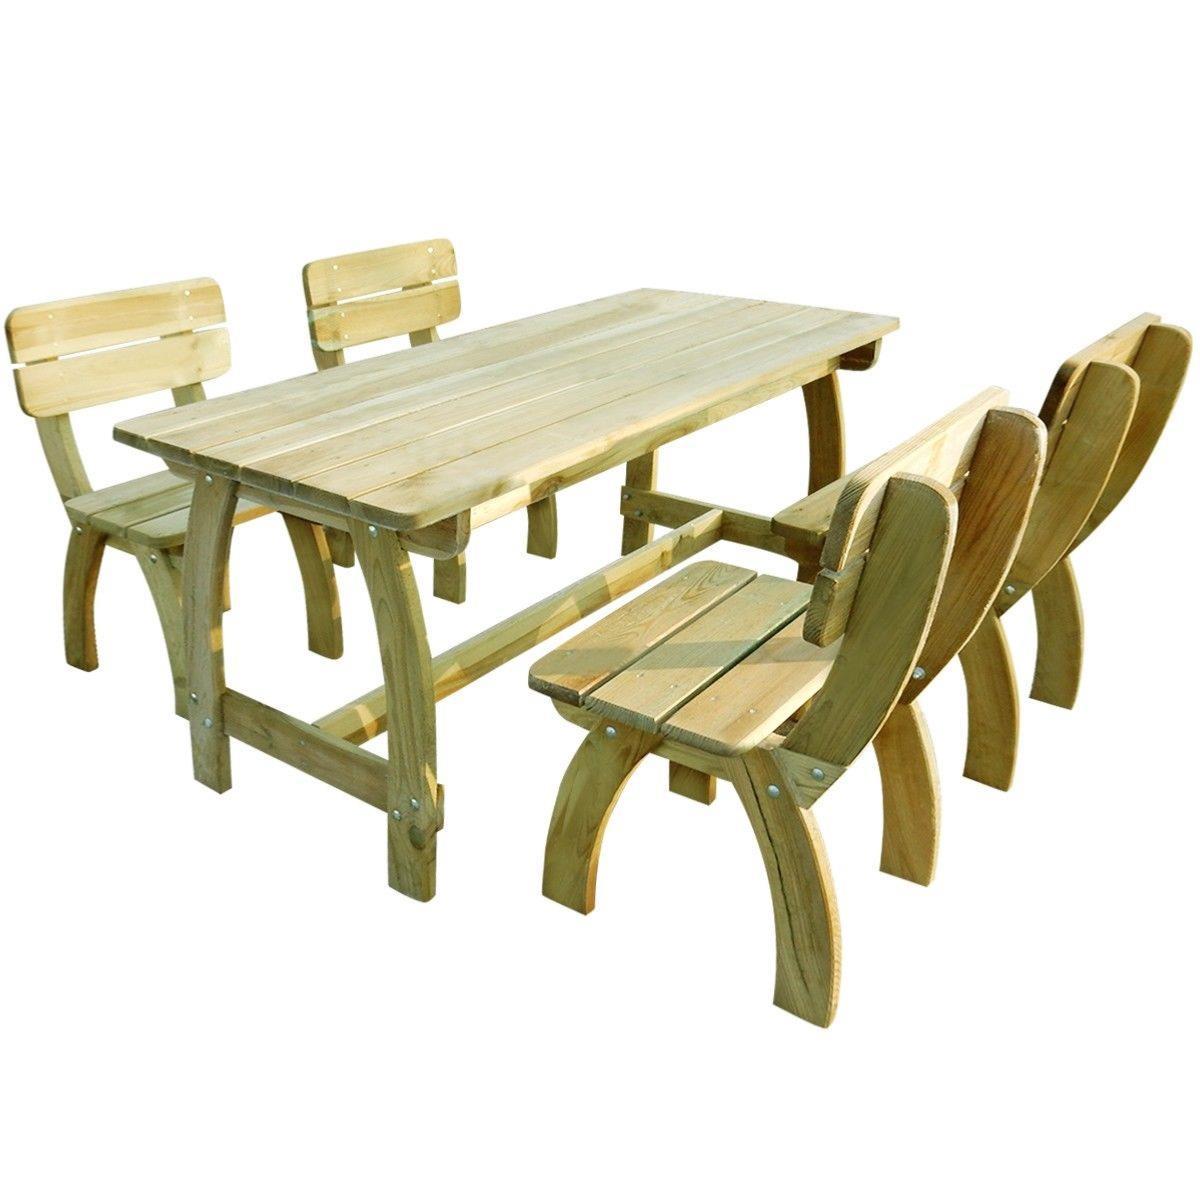 Table Avec 4 Chaises, Type Pique-Nique En Bois Massif à Table De Jardin En Bois Avec Chaises